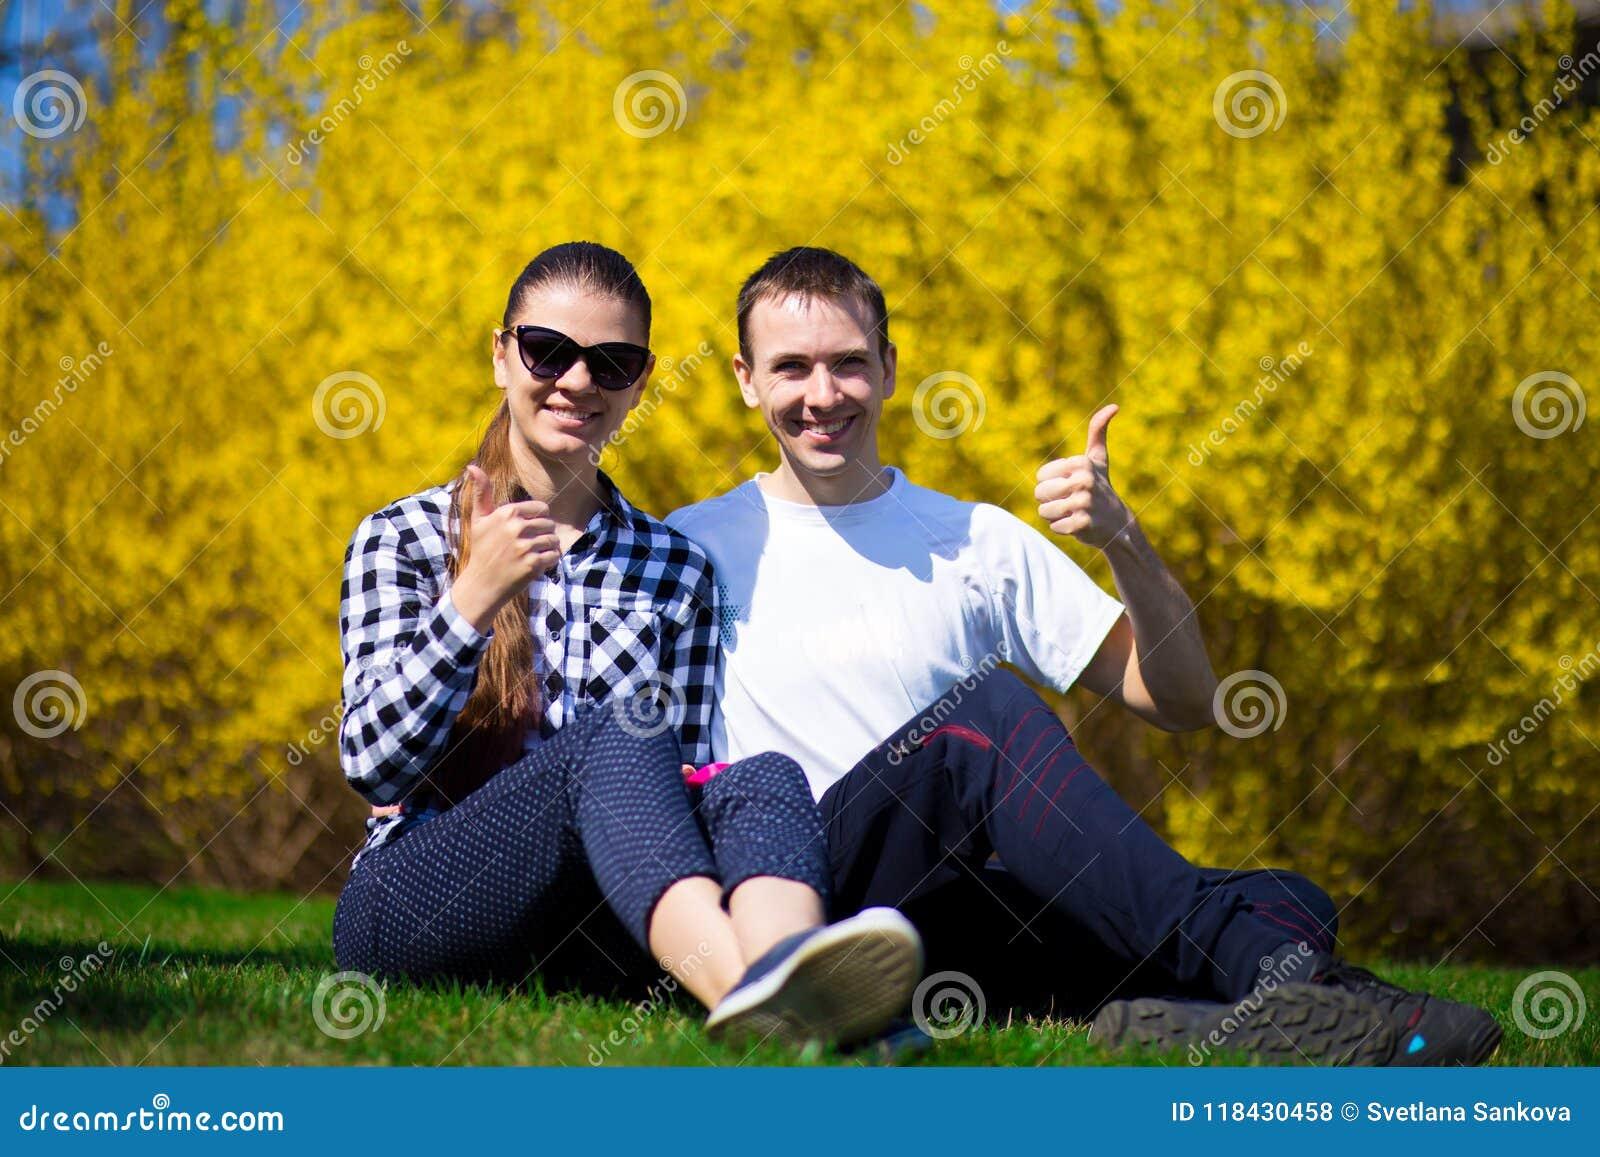 Ευτυχές ζεύγος που αγκαλιάζει στη φρέσκια χλόη στο πάρκο